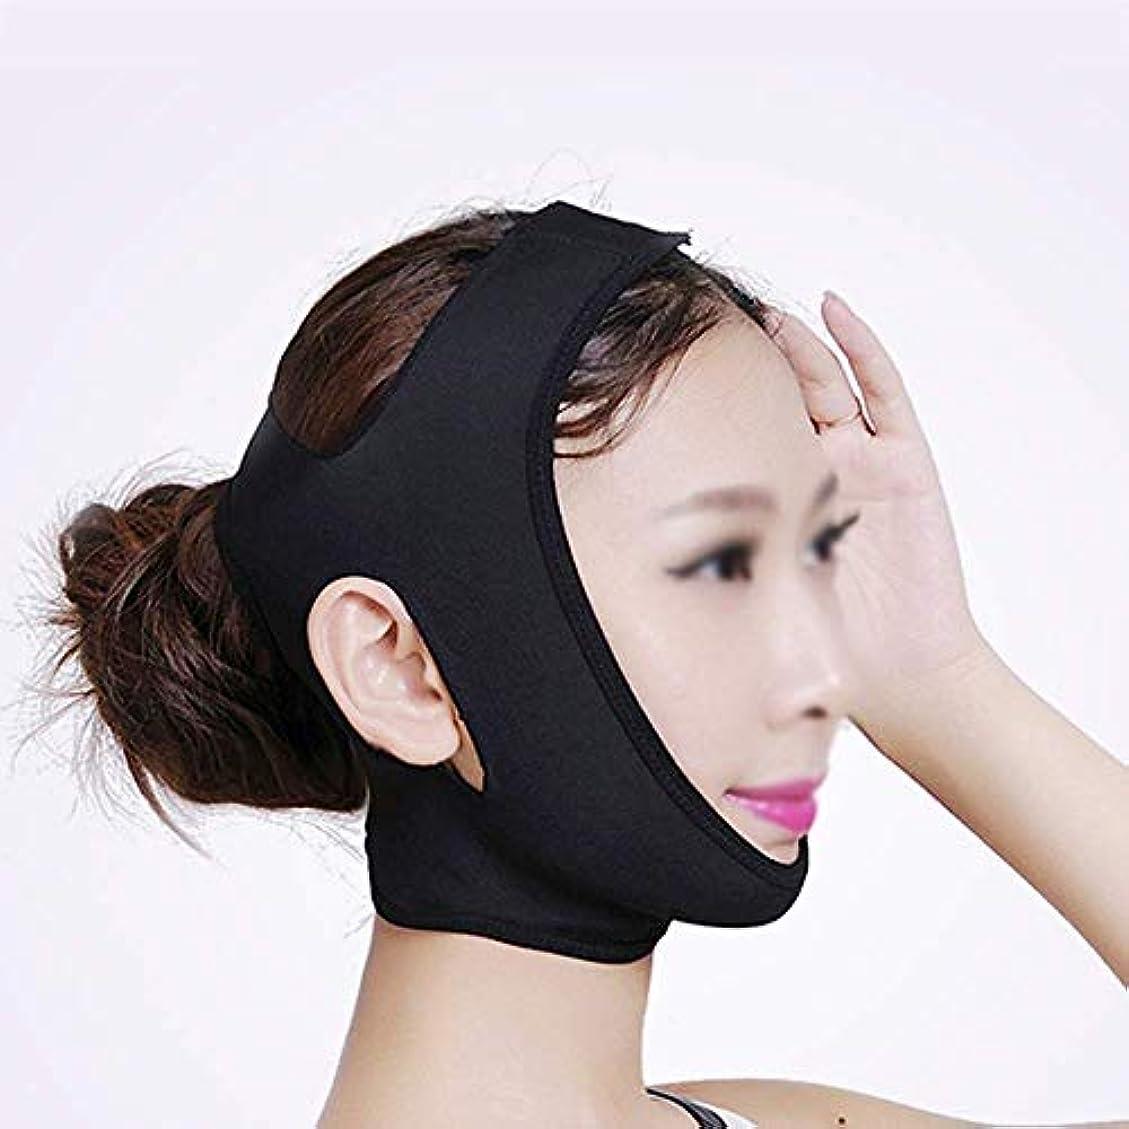 好む戸惑う博物館フェイシャル減量マスクリフティングフェイス、フェイスマスク、減量包帯を除去するためのダブルチン、フェイシャルリフティング包帯、ダブルチンを減らすためのリフティングベルト(カラー:ブラック、サイズ:M),黒、L